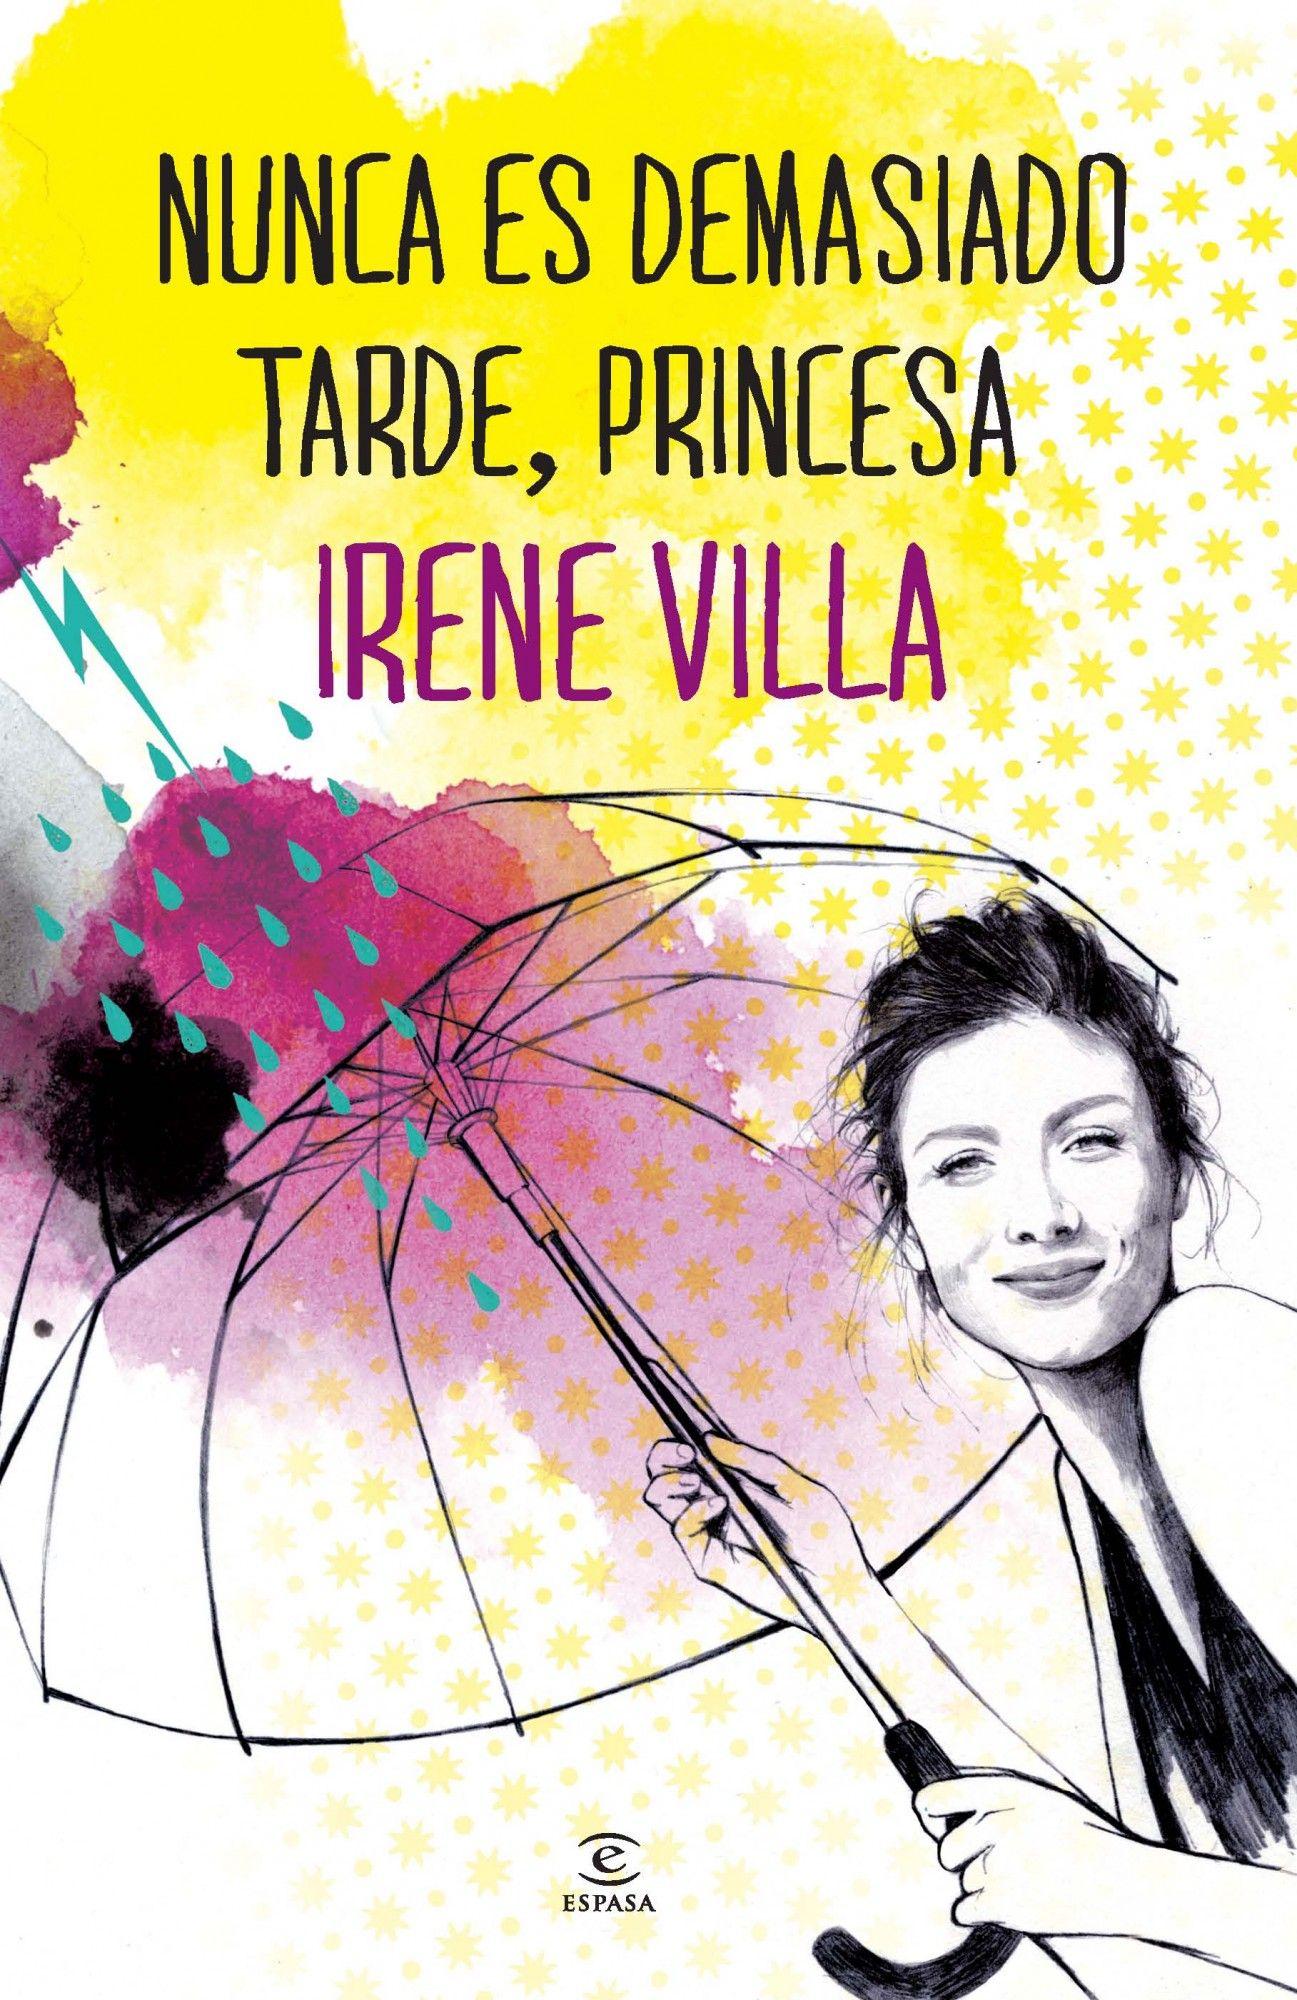 Nunca Es Demasiado Tarde Princesa De Irene Villa Puedes Disfrutar De Este Libro Con Nubico Premium Http Www Nubico Es Premium Nove My Books Books Reading